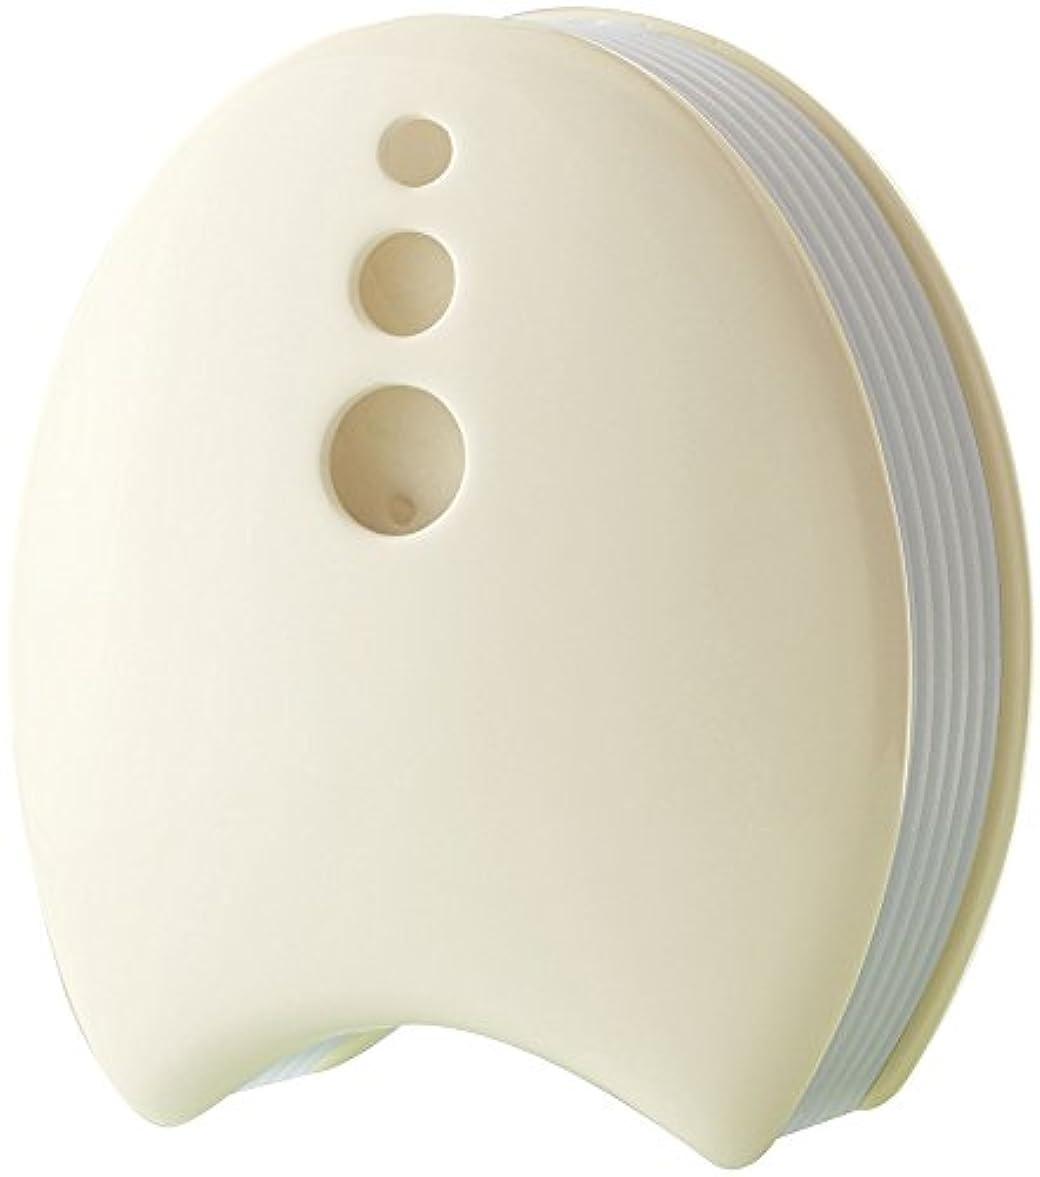 筋肉の矢印パス陶器のアロマブリーズ 瀬戸焼 ベージュ